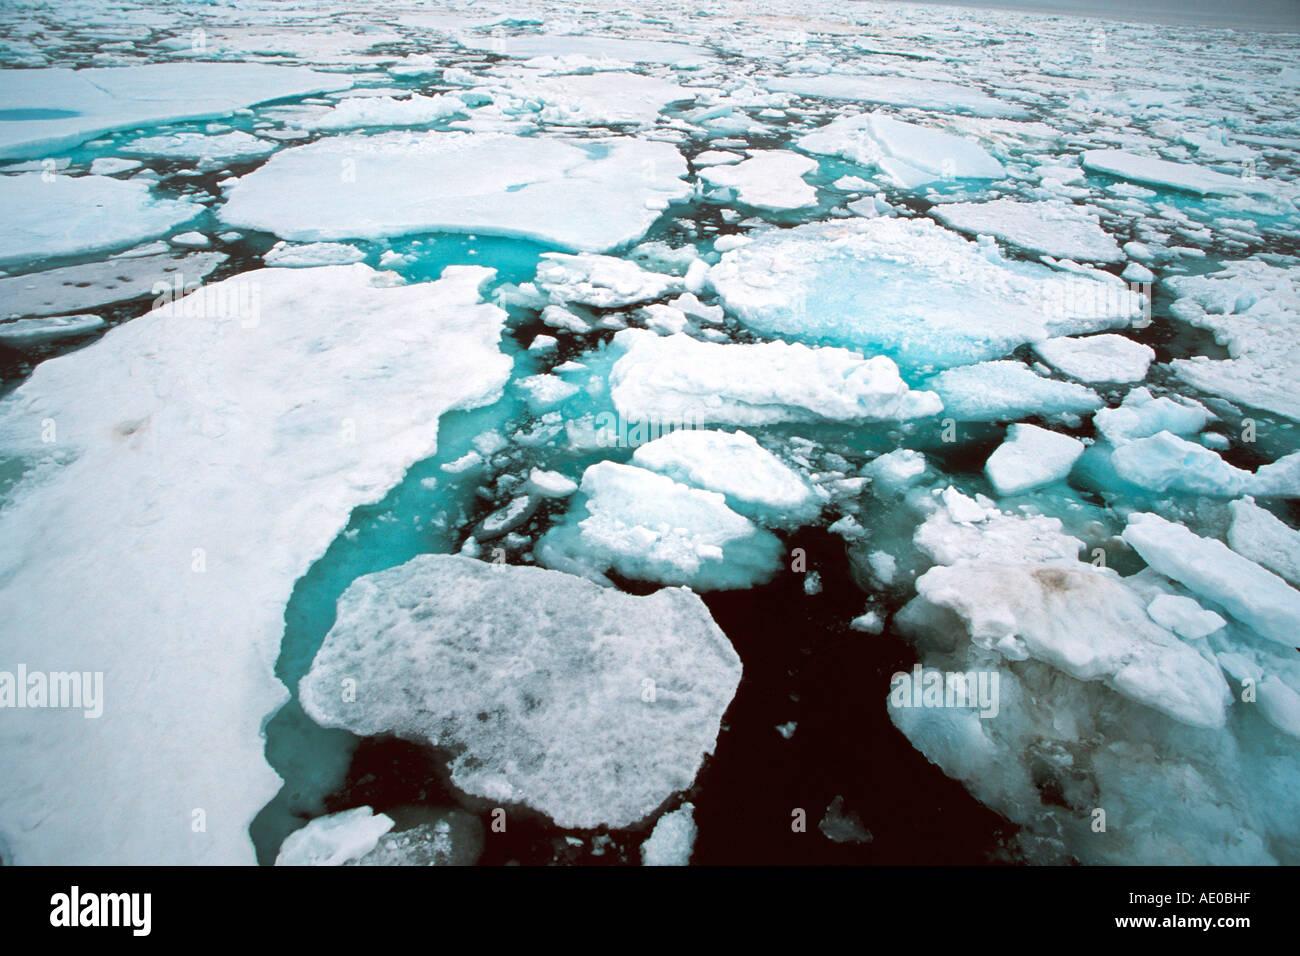 Les glaces à la dérive de la banquise banquise océan actic Treibeis Packeis Eisfeld Arktis Ozean Photo Stock